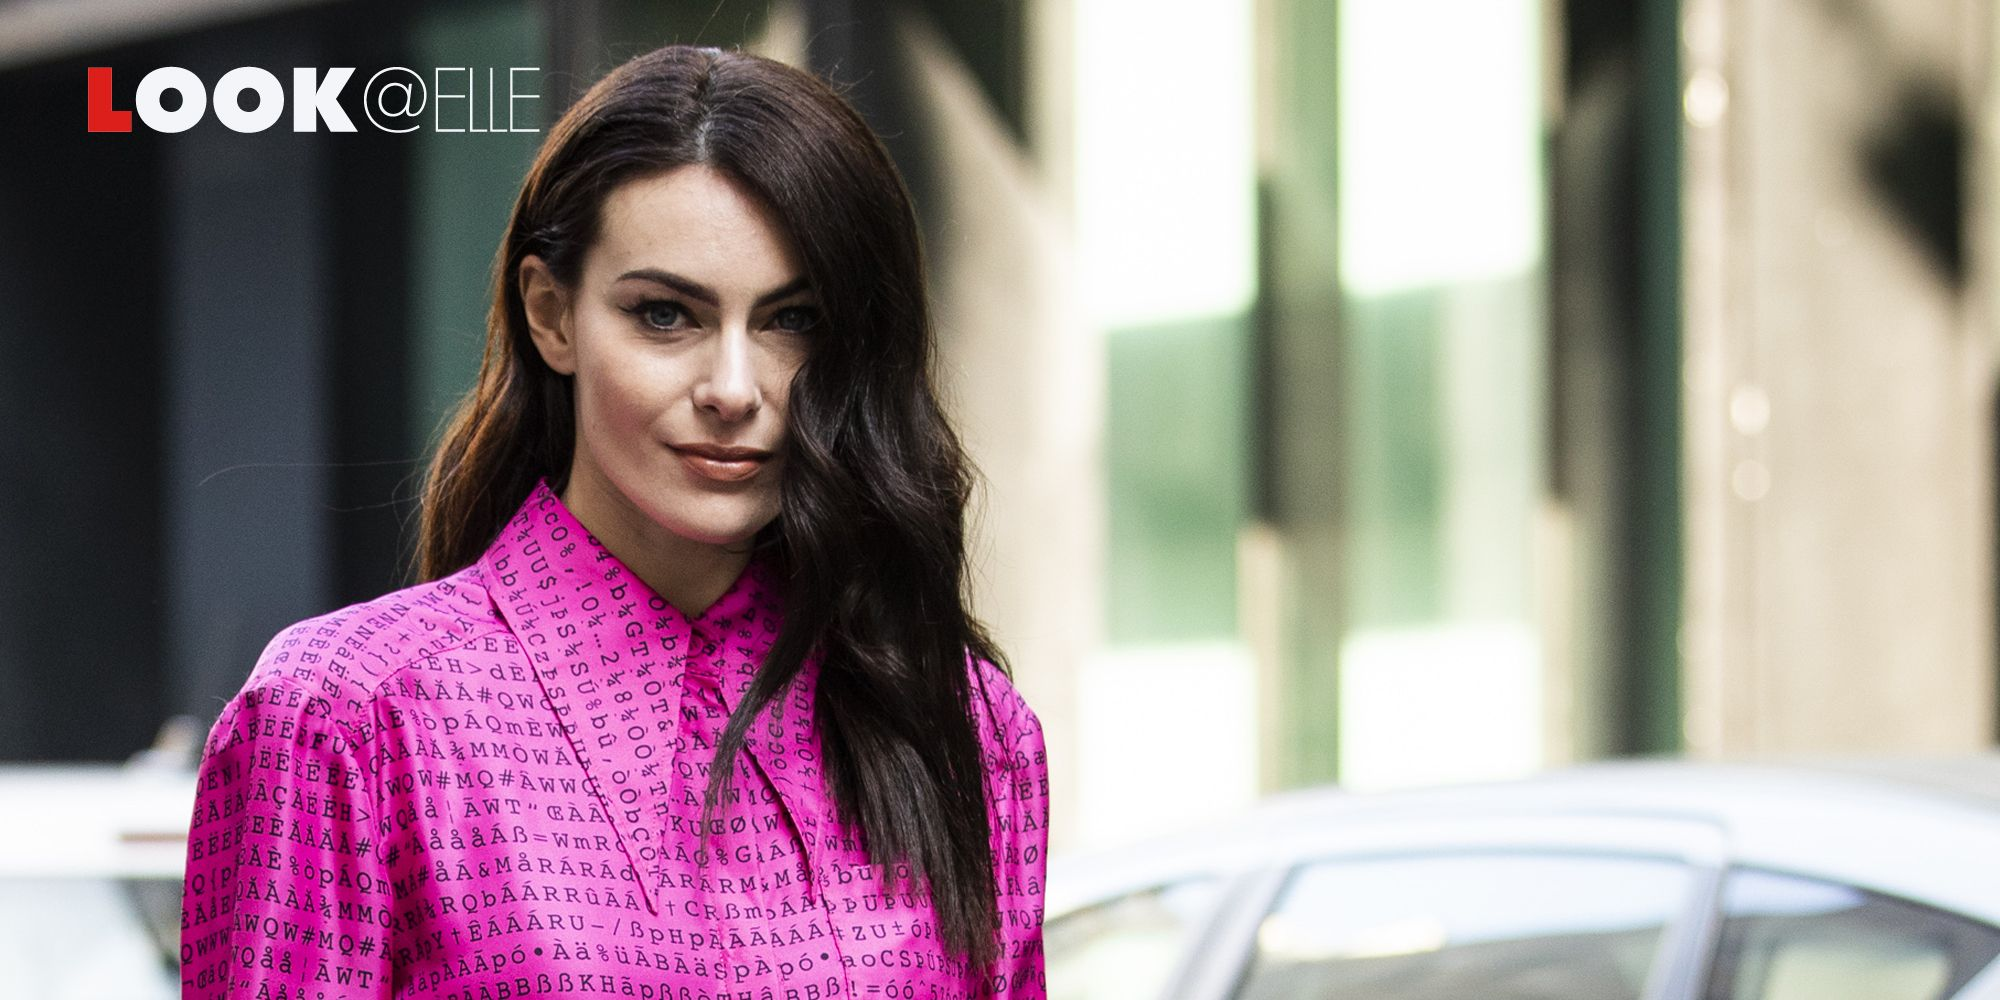 La gonna di Zara di Paola Turani è la gonna plissettata che movimenta le tendenze moda dell'Inverno 2019 2020